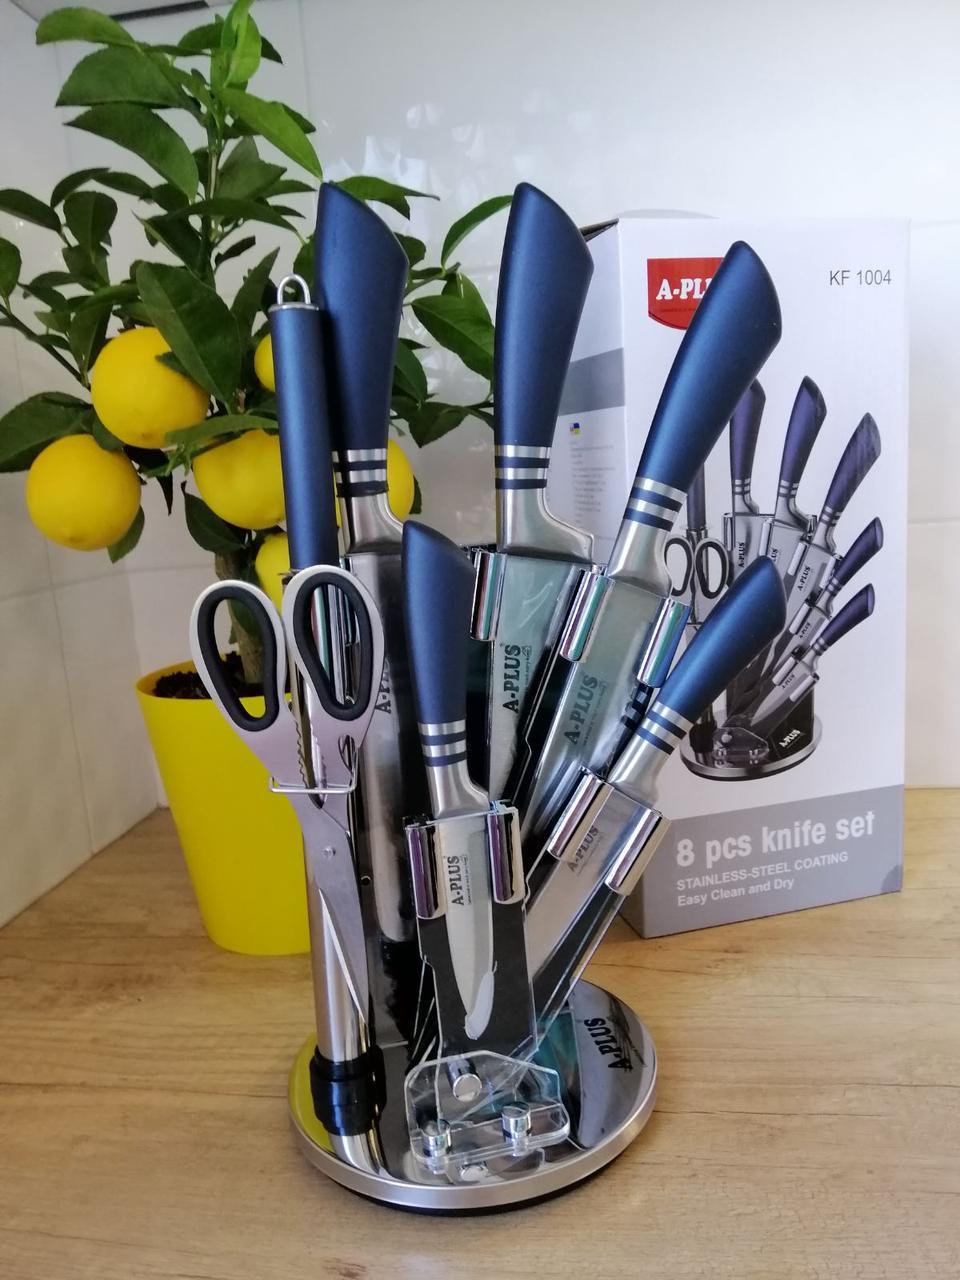 Набор ножей А-Плюс 8 предметов с вращающейся подставкой